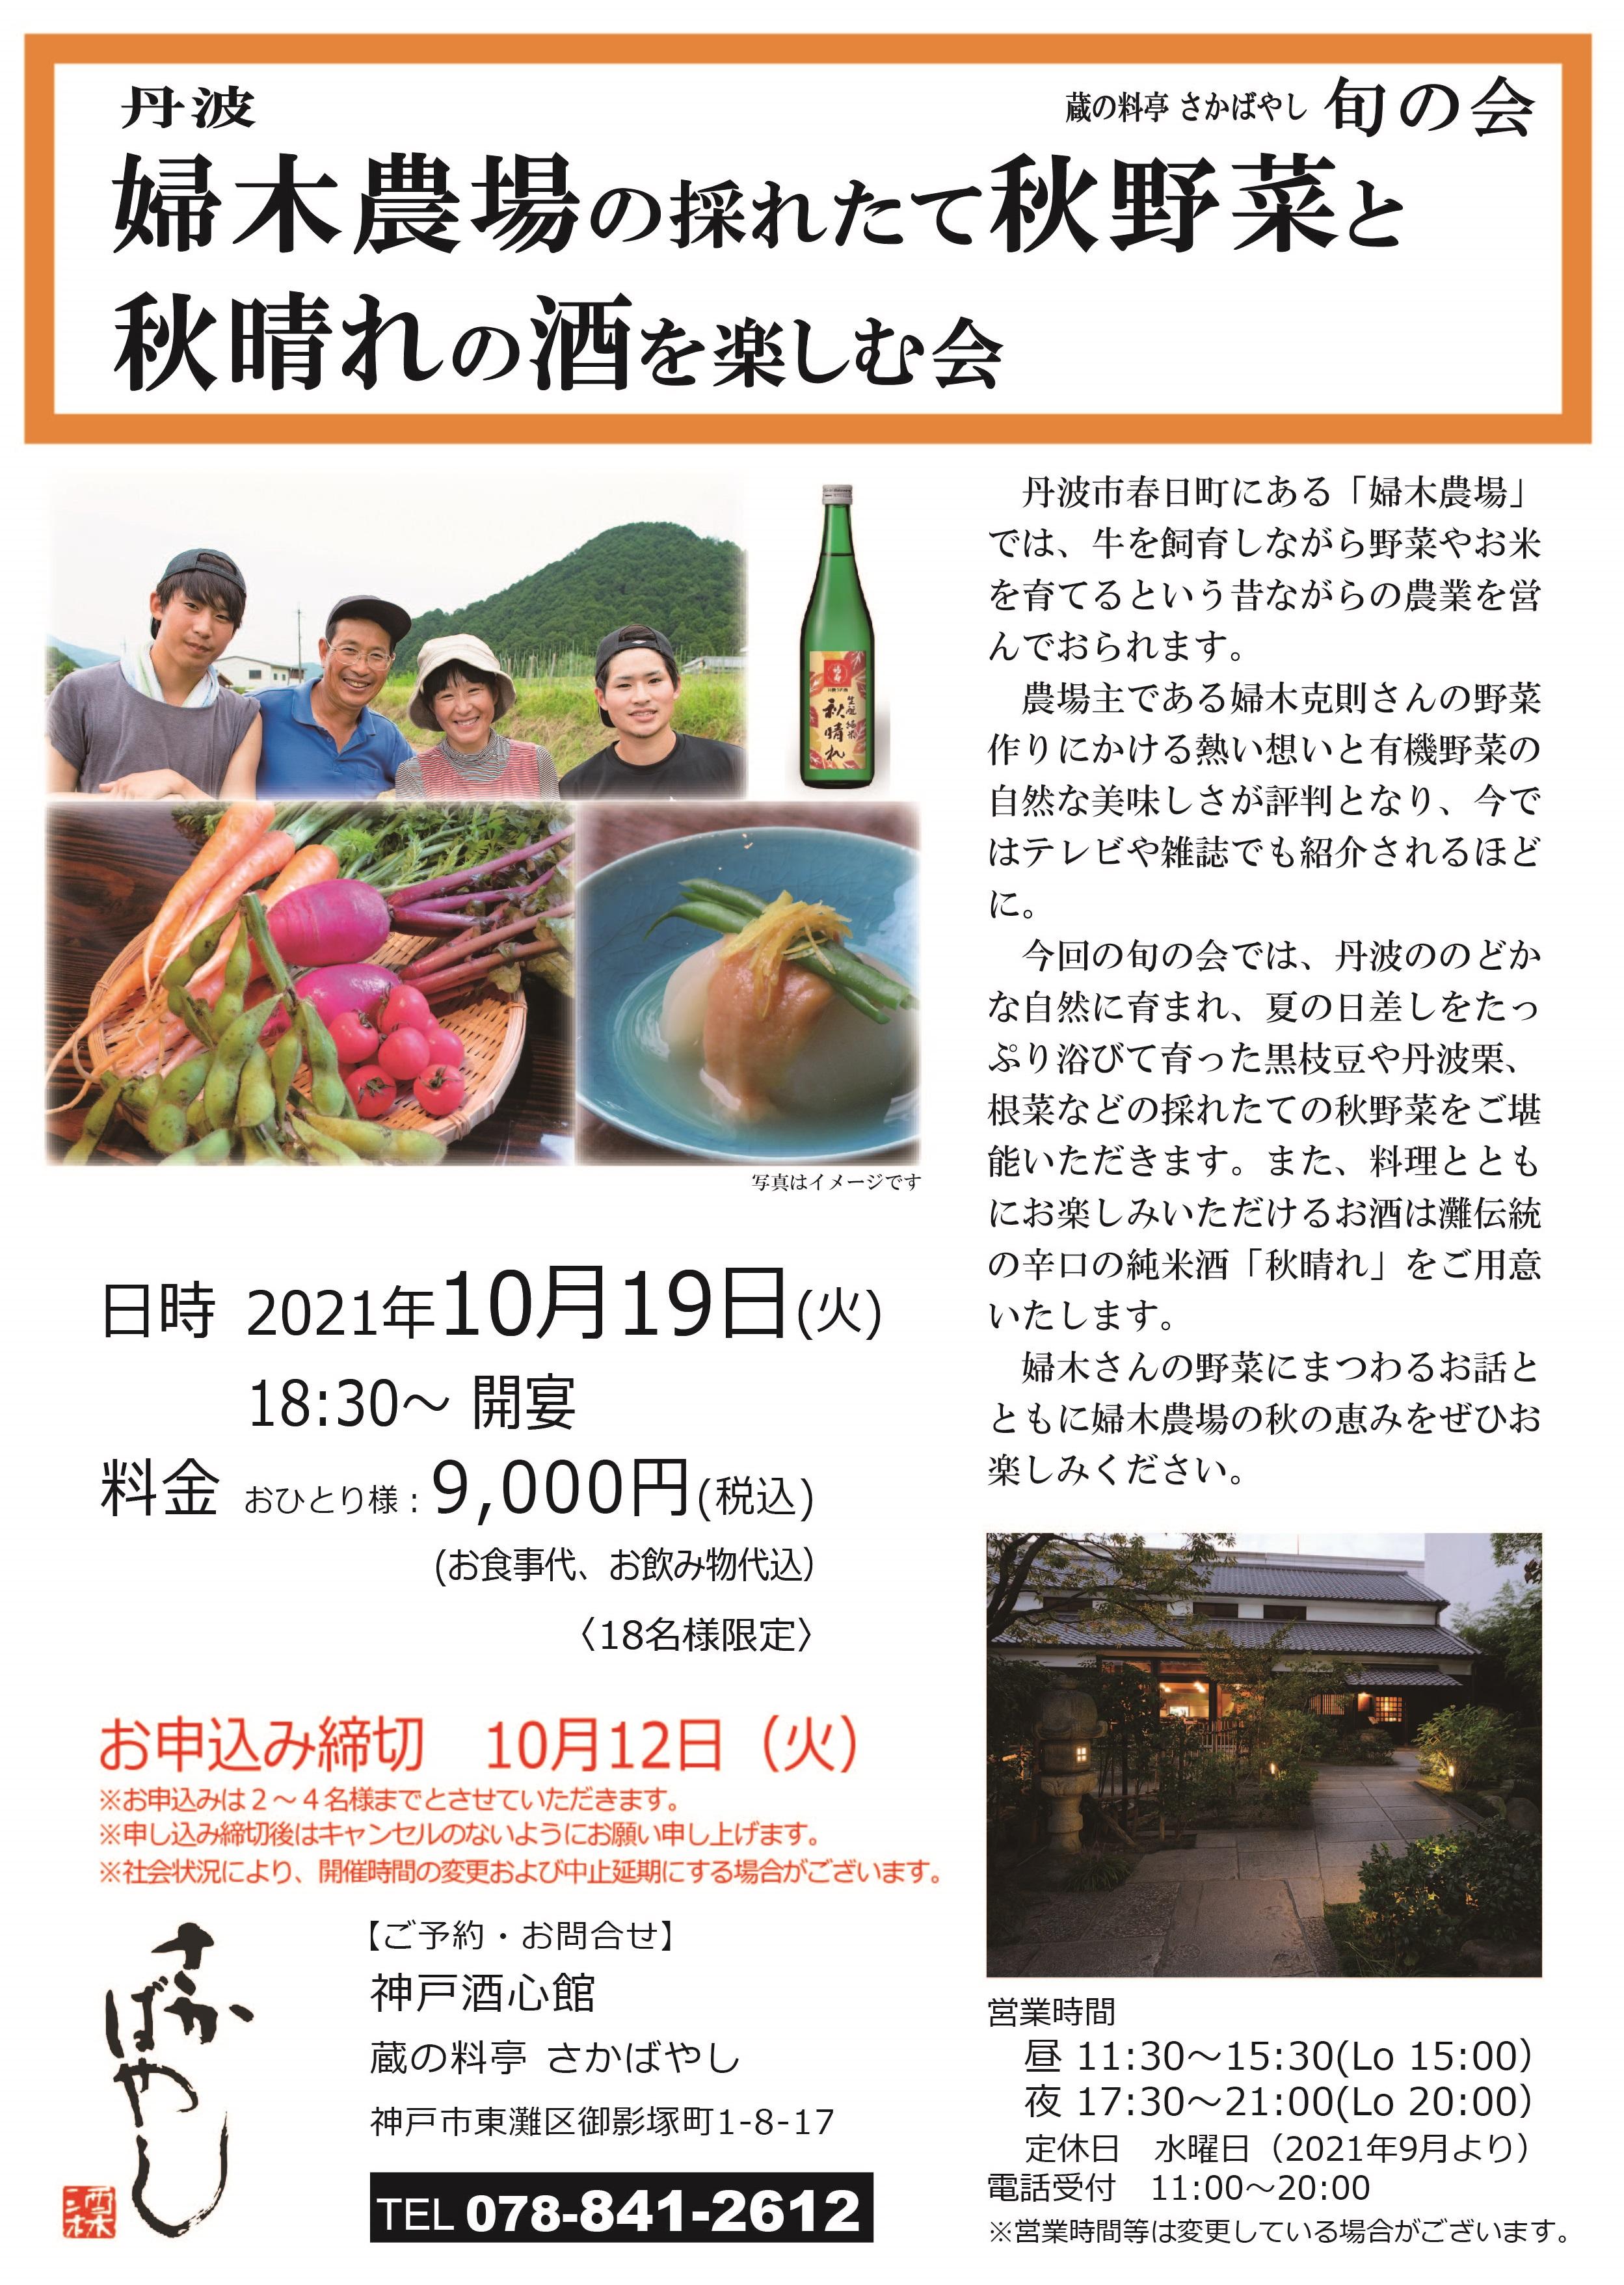 (2021.10.19)婦木農場の採れたて秋野菜と秋晴れの酒を楽しむ会